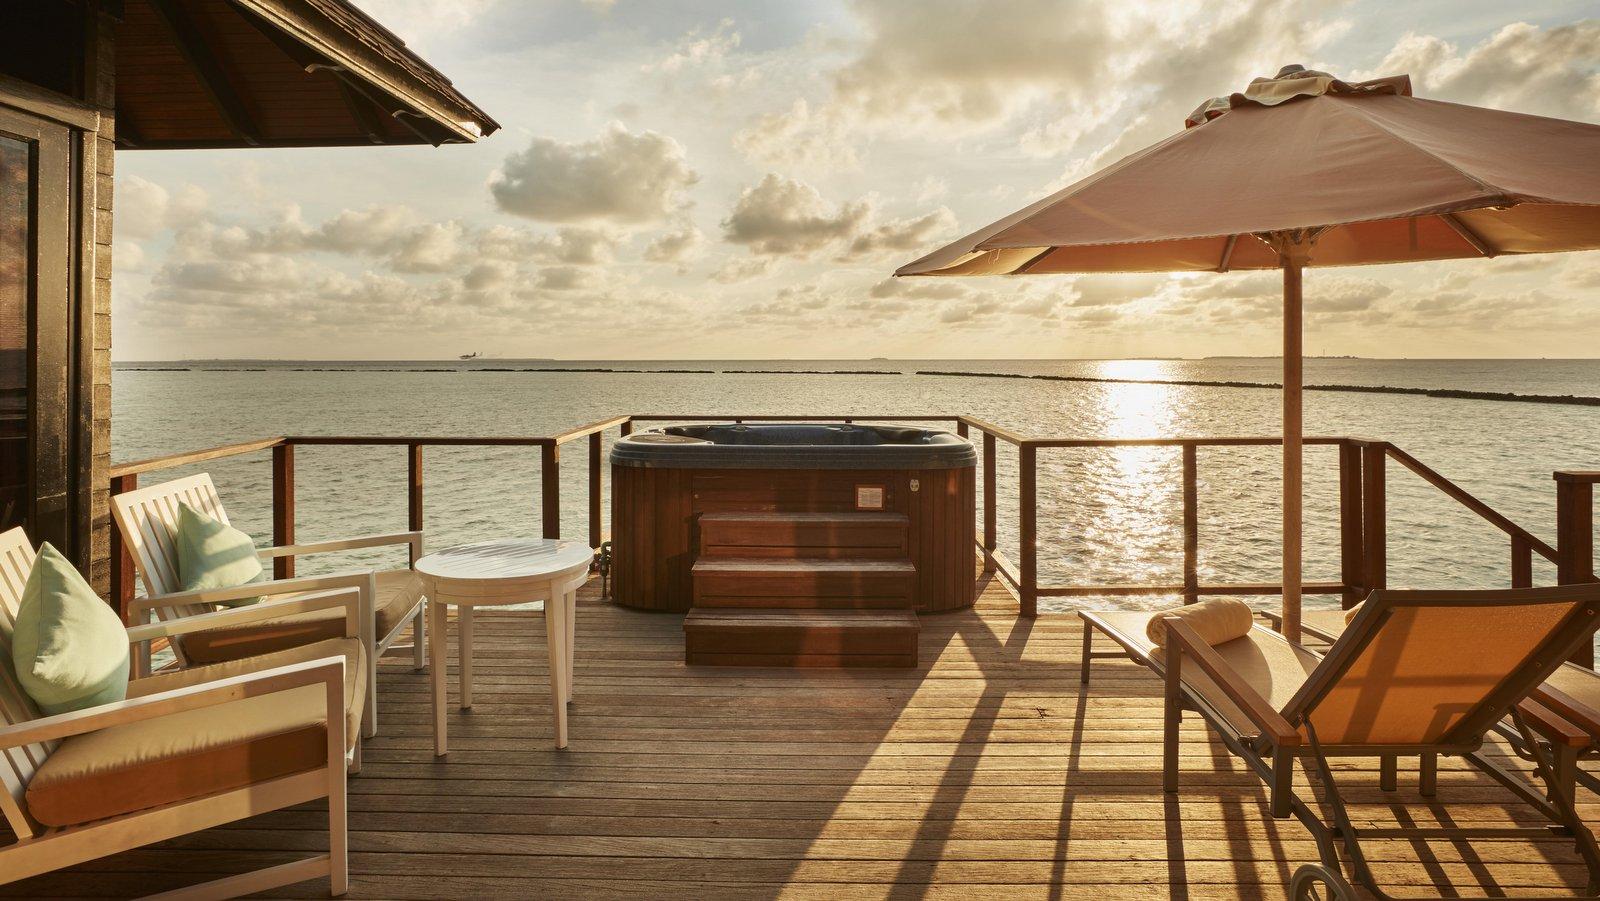 Мальдивы, отель Sun Siyam Iru Fushi, номер Horizon Water Villa